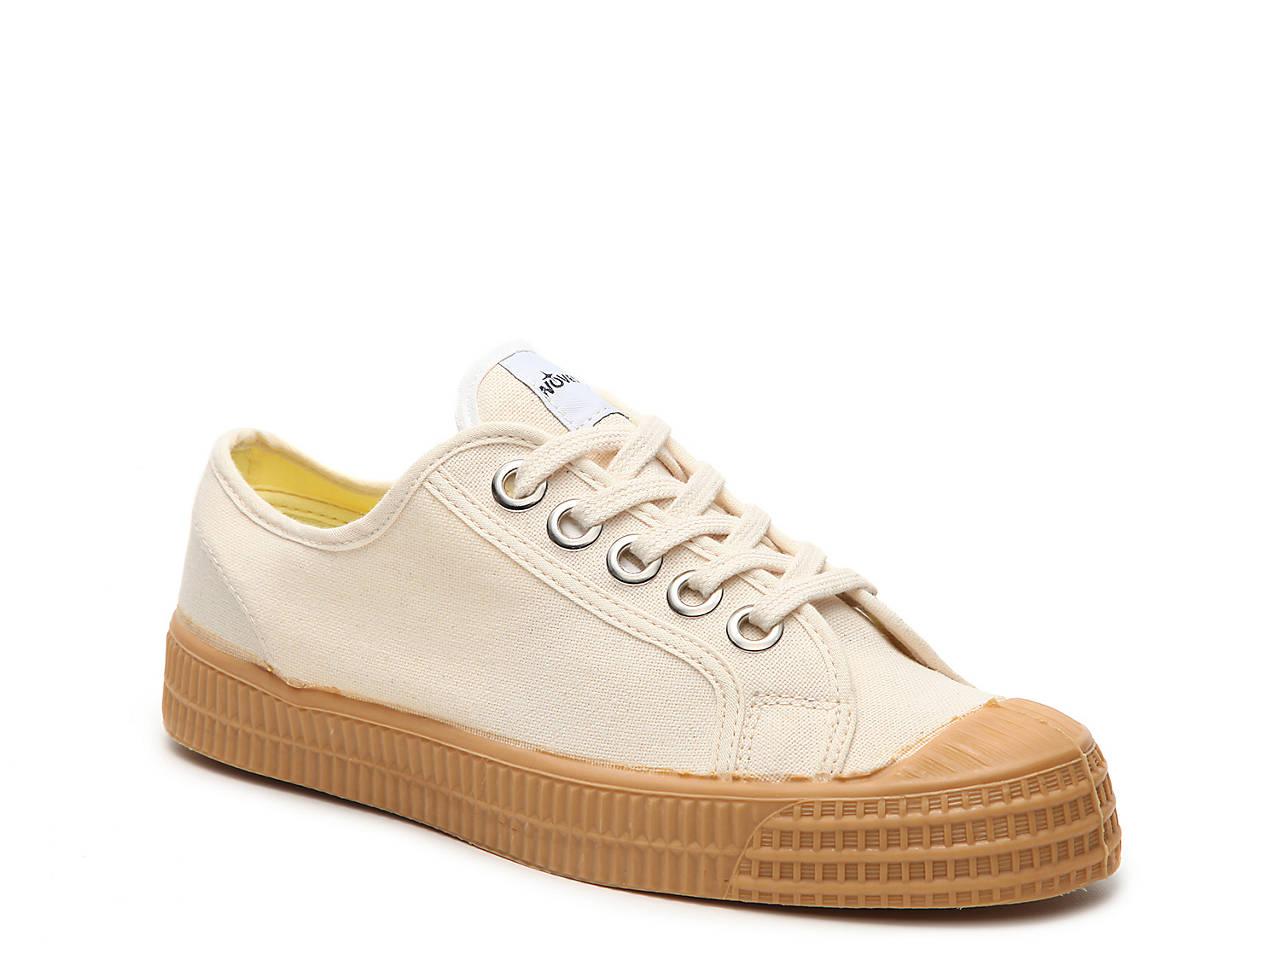 bcc54b99759f Novesta Star Master 99 Sneaker - Women s Women s Shoes